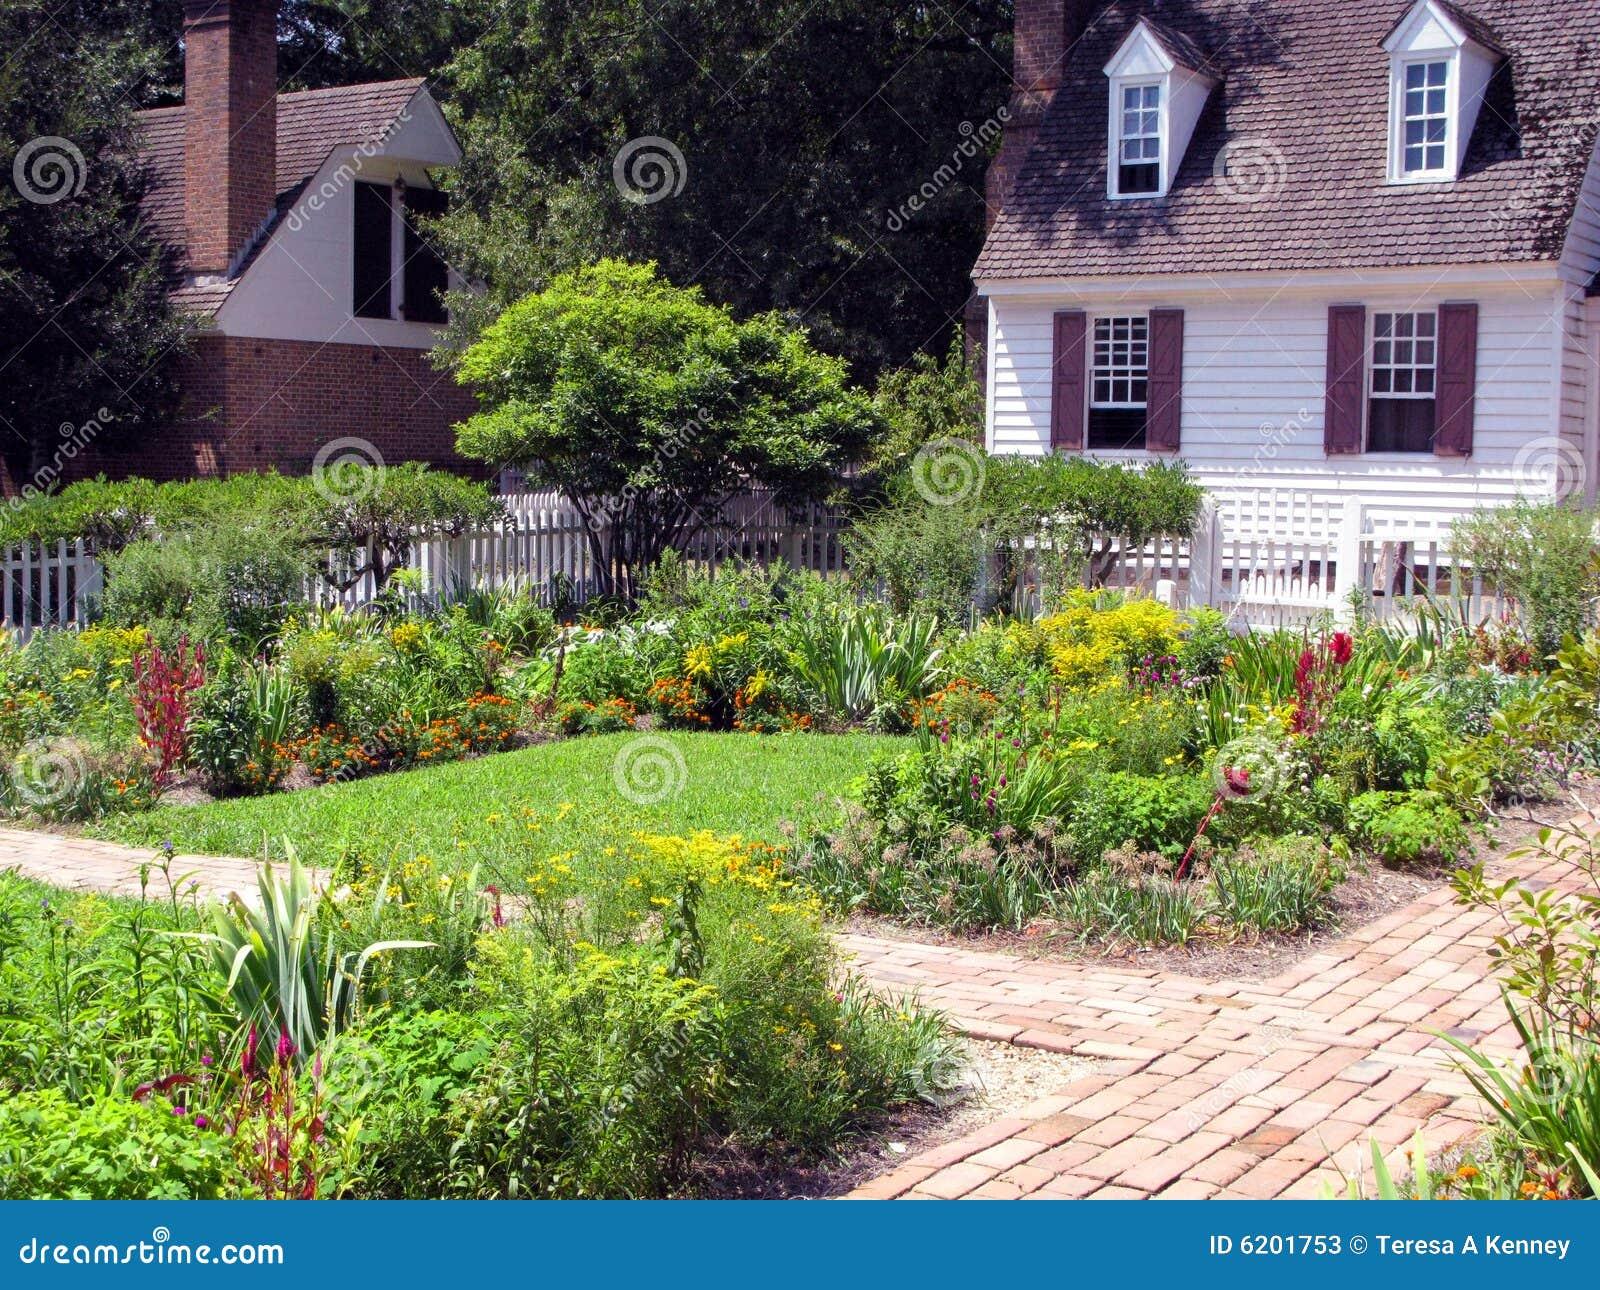 fotos jardins lindos : fotos jardins lindos:Beautiful Residential Gardens